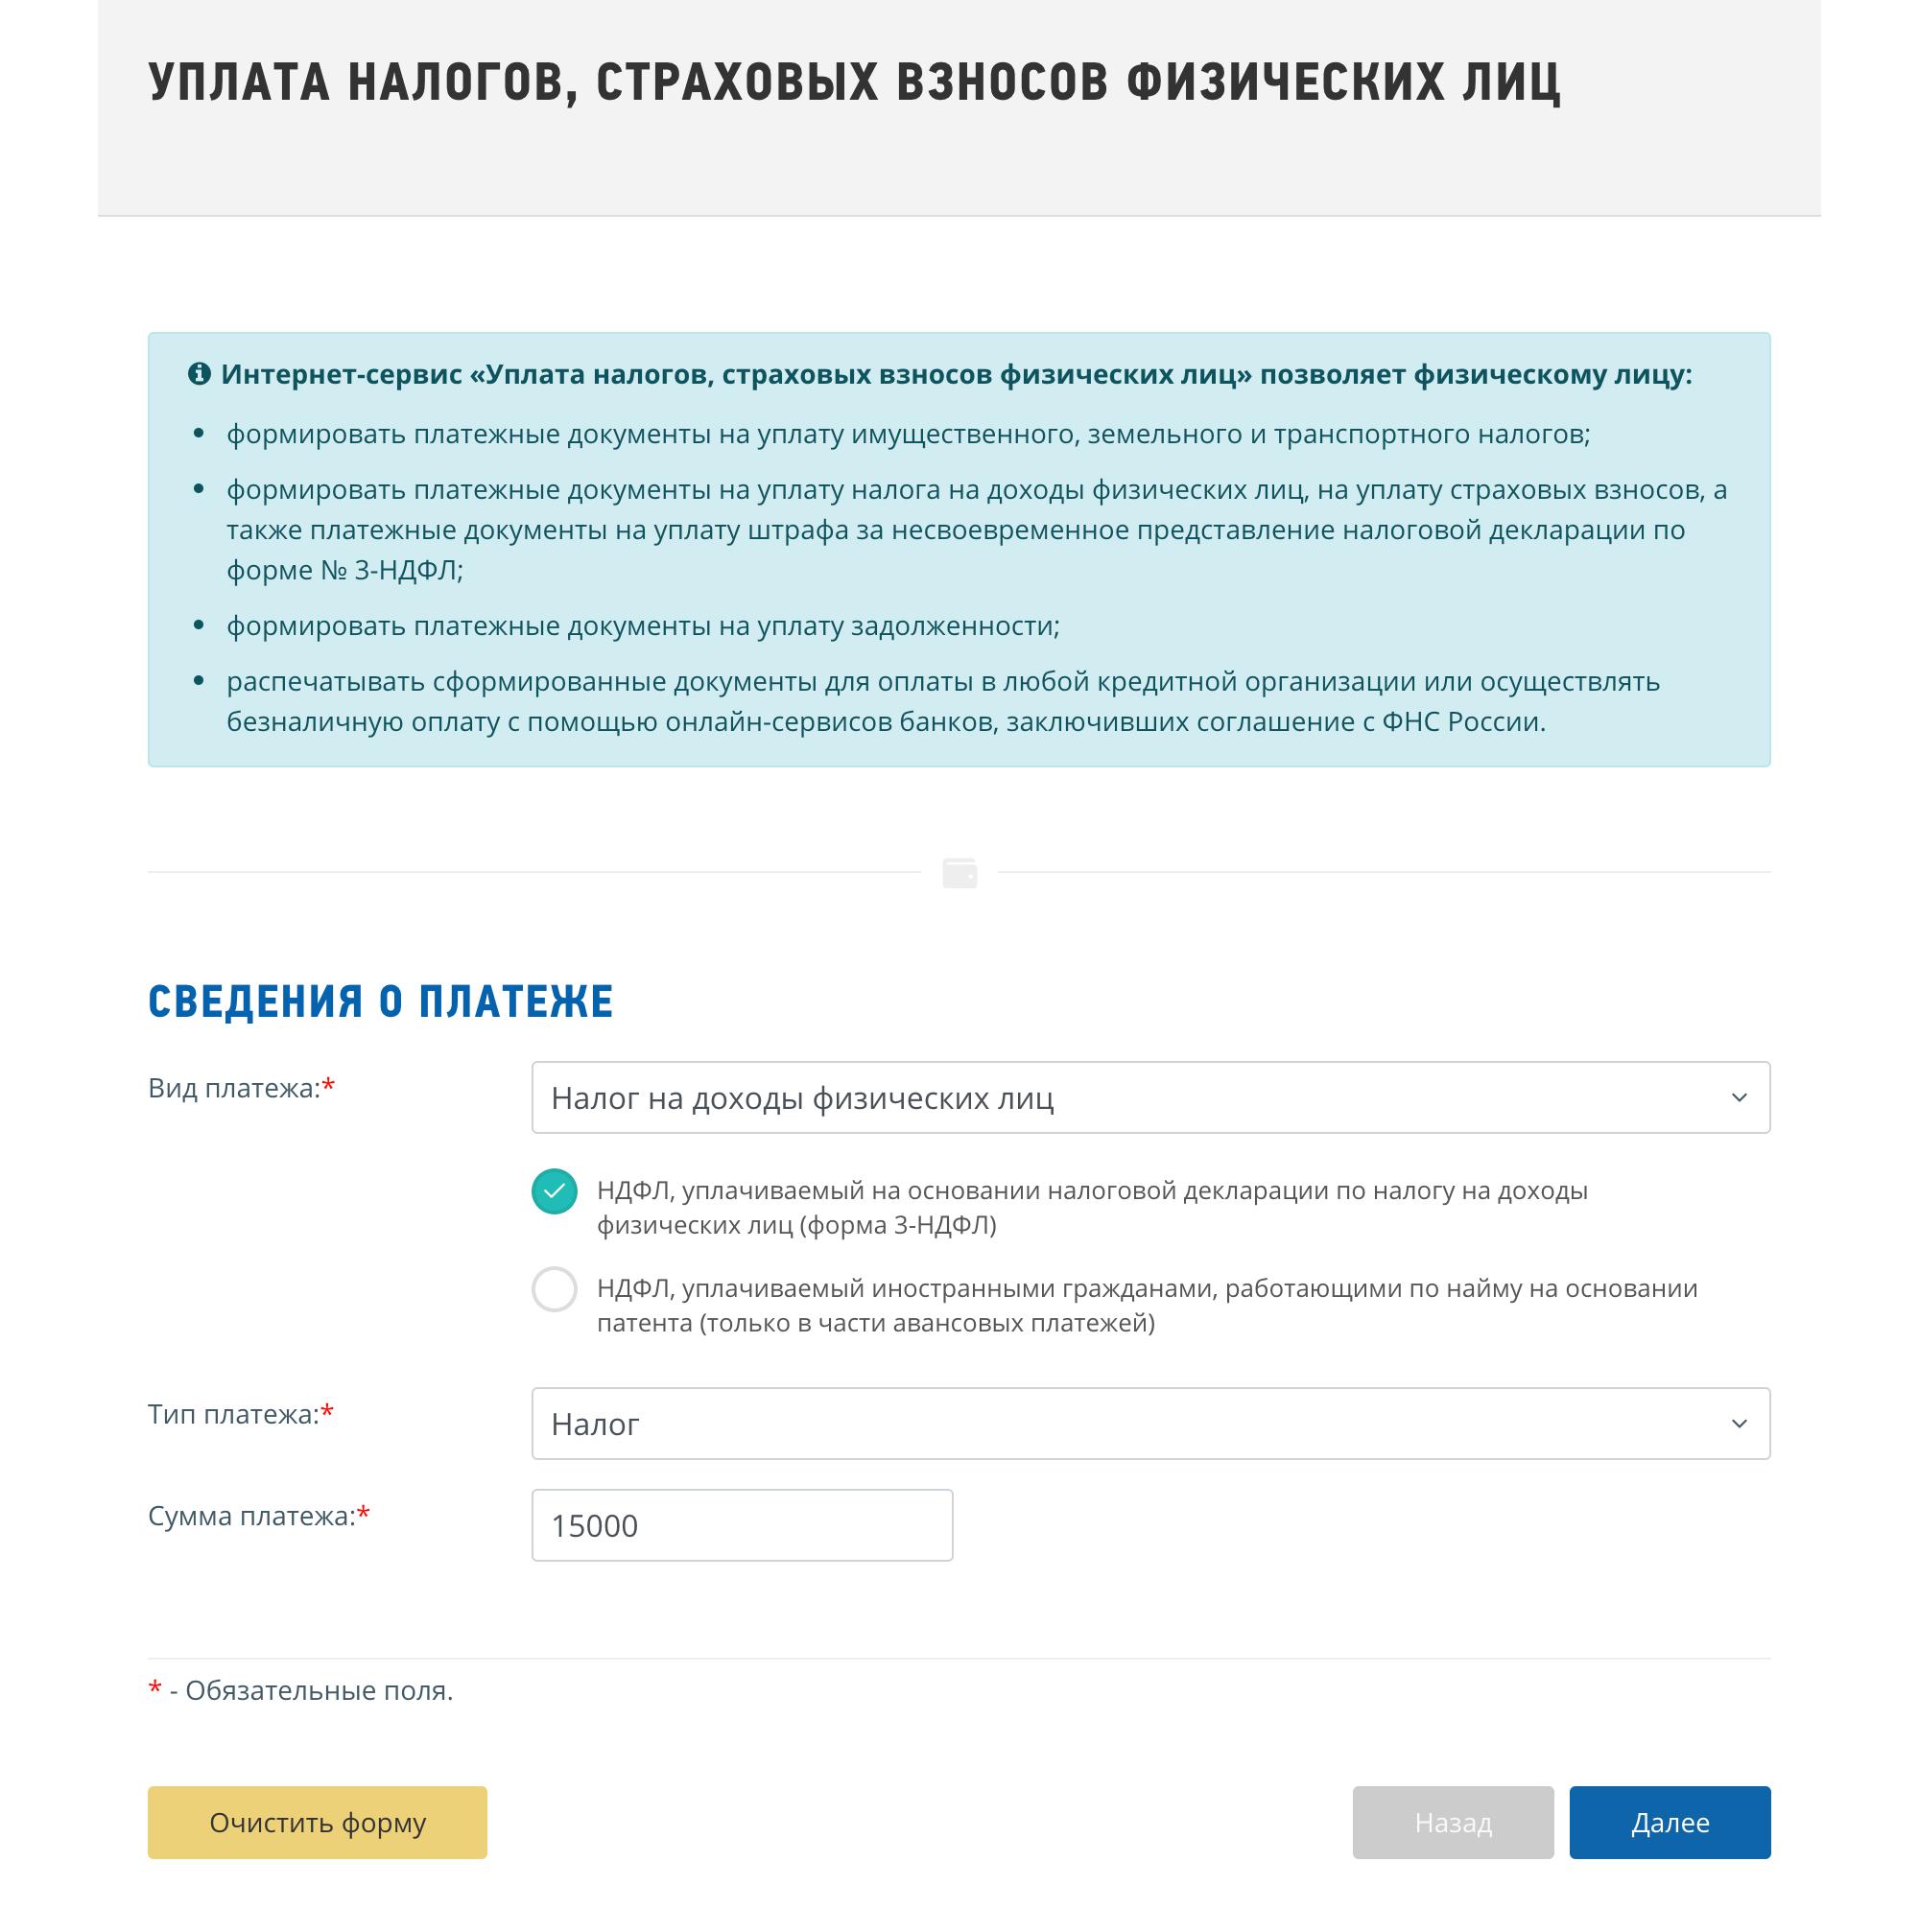 Квитанцию на уплату налога можно сформировать на сайте nalog.ru. Платить можно не только за себя, но даже за третьих лиц со своей карты